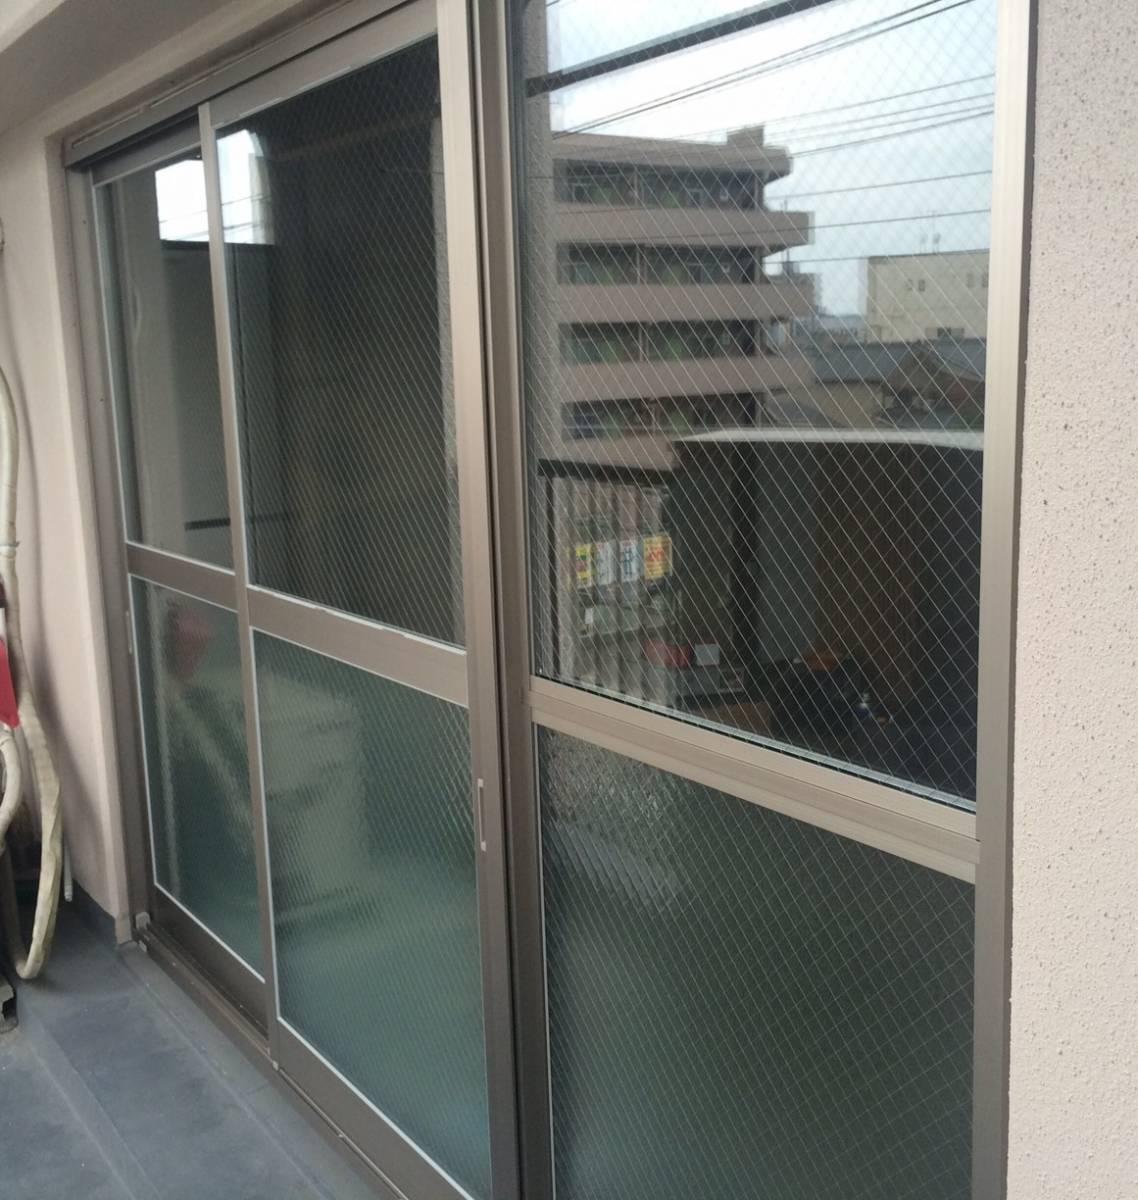 窓工房テラムラのマンションのガタガタな窓を短期間でリフォームしたいの施工後の写真1